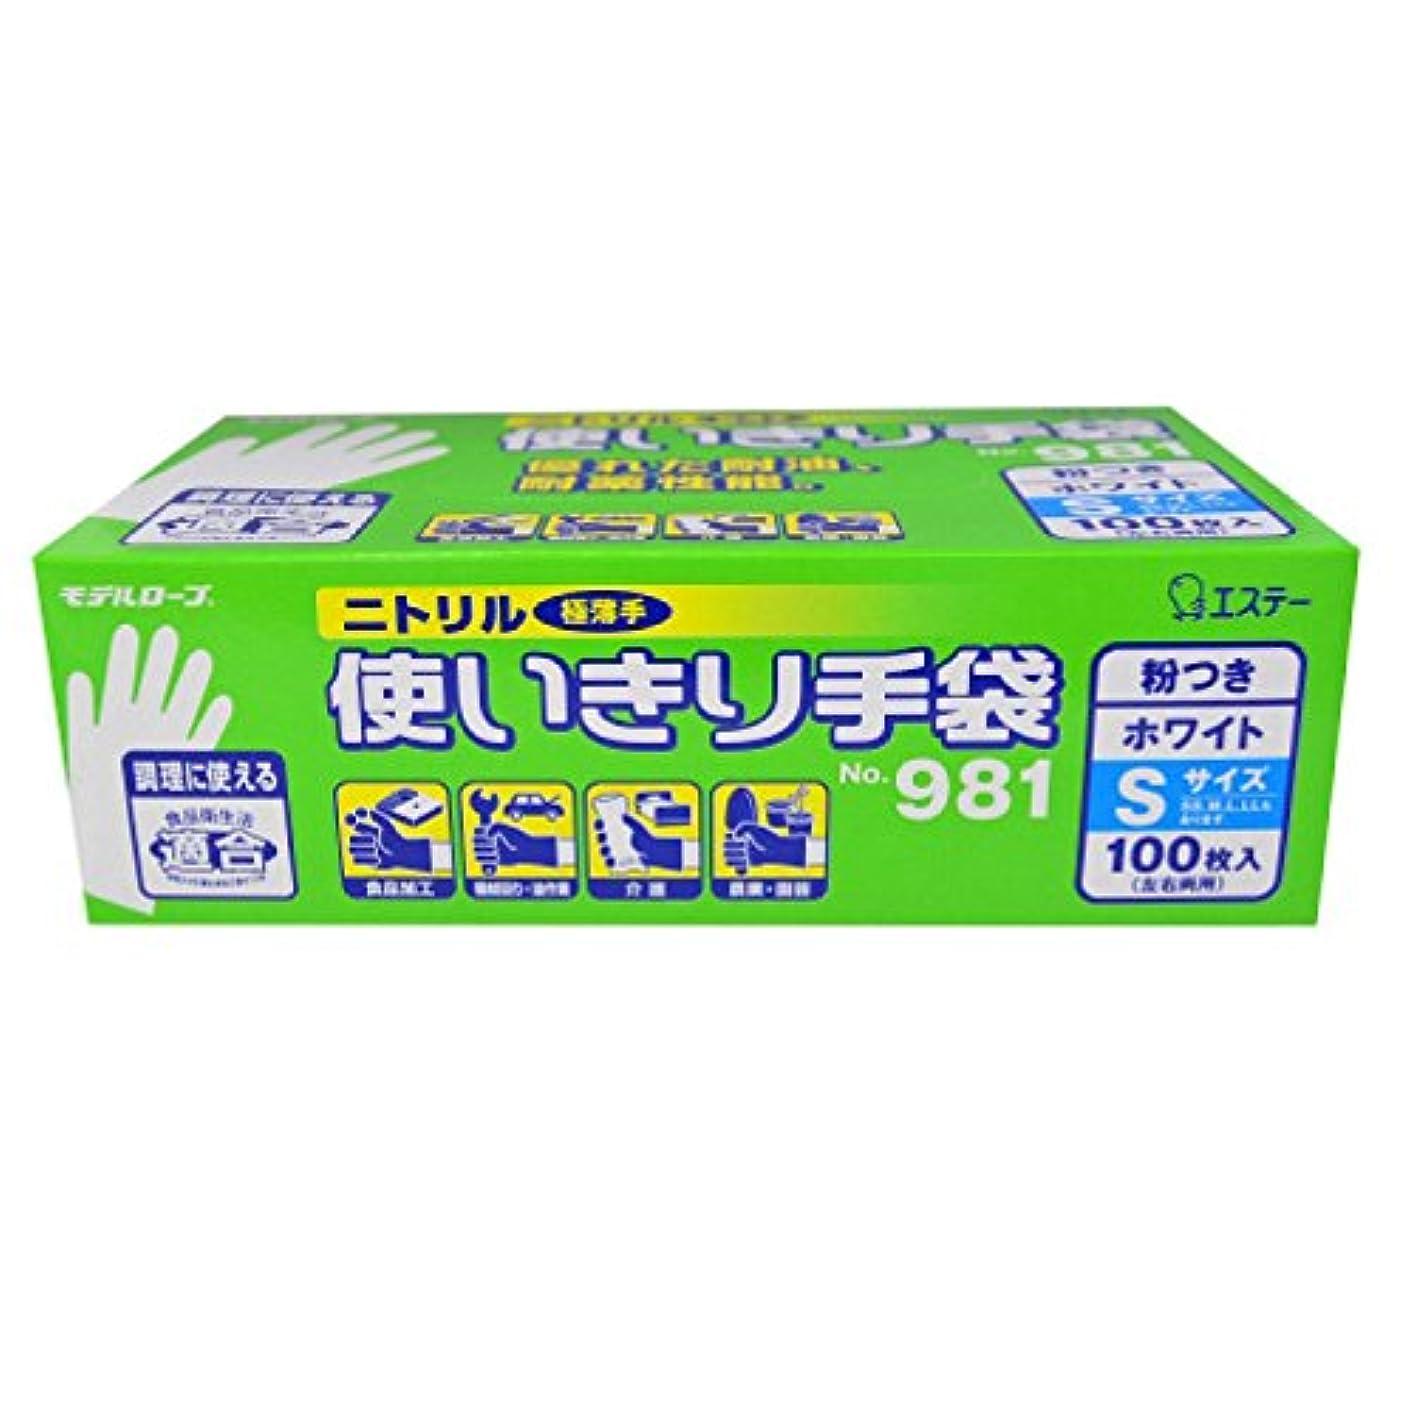 エステー/ニトリル使いきり手袋 箱入 (粉つき) [100枚入]/品番:981 サイズ:L カラー:ブルー